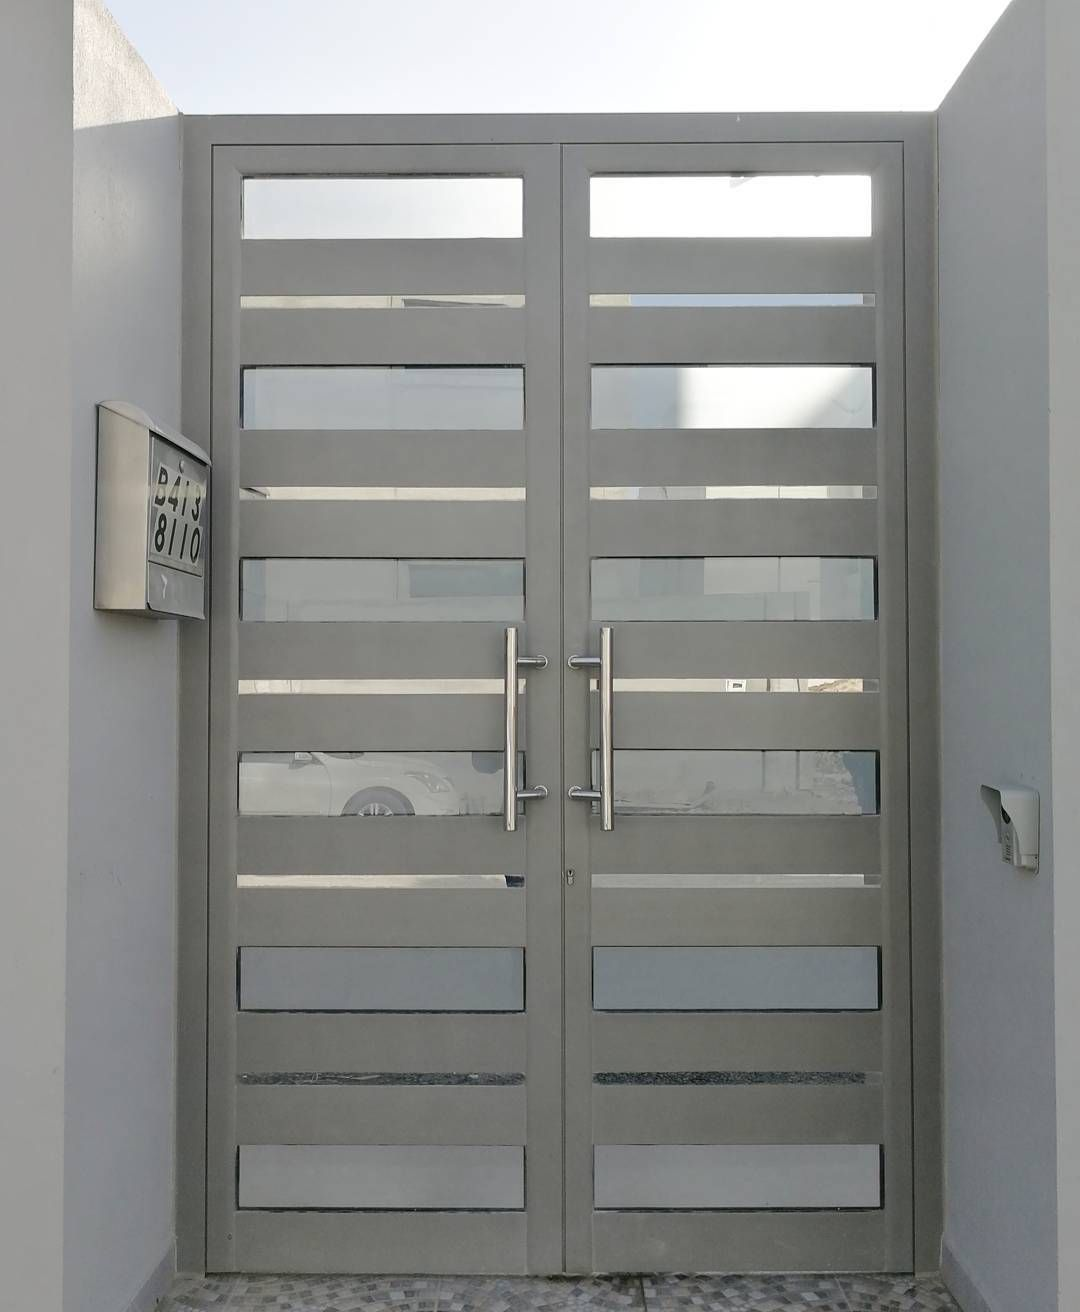 Main Door باب رئيسي مصنوع من الألمنيوم مع ستانلس ستيل من صناعتنا أحد زيائننا في الشاخورة مصنع الساري لتصميم المنتوجات الخ Locker Storage Home Decor Storage